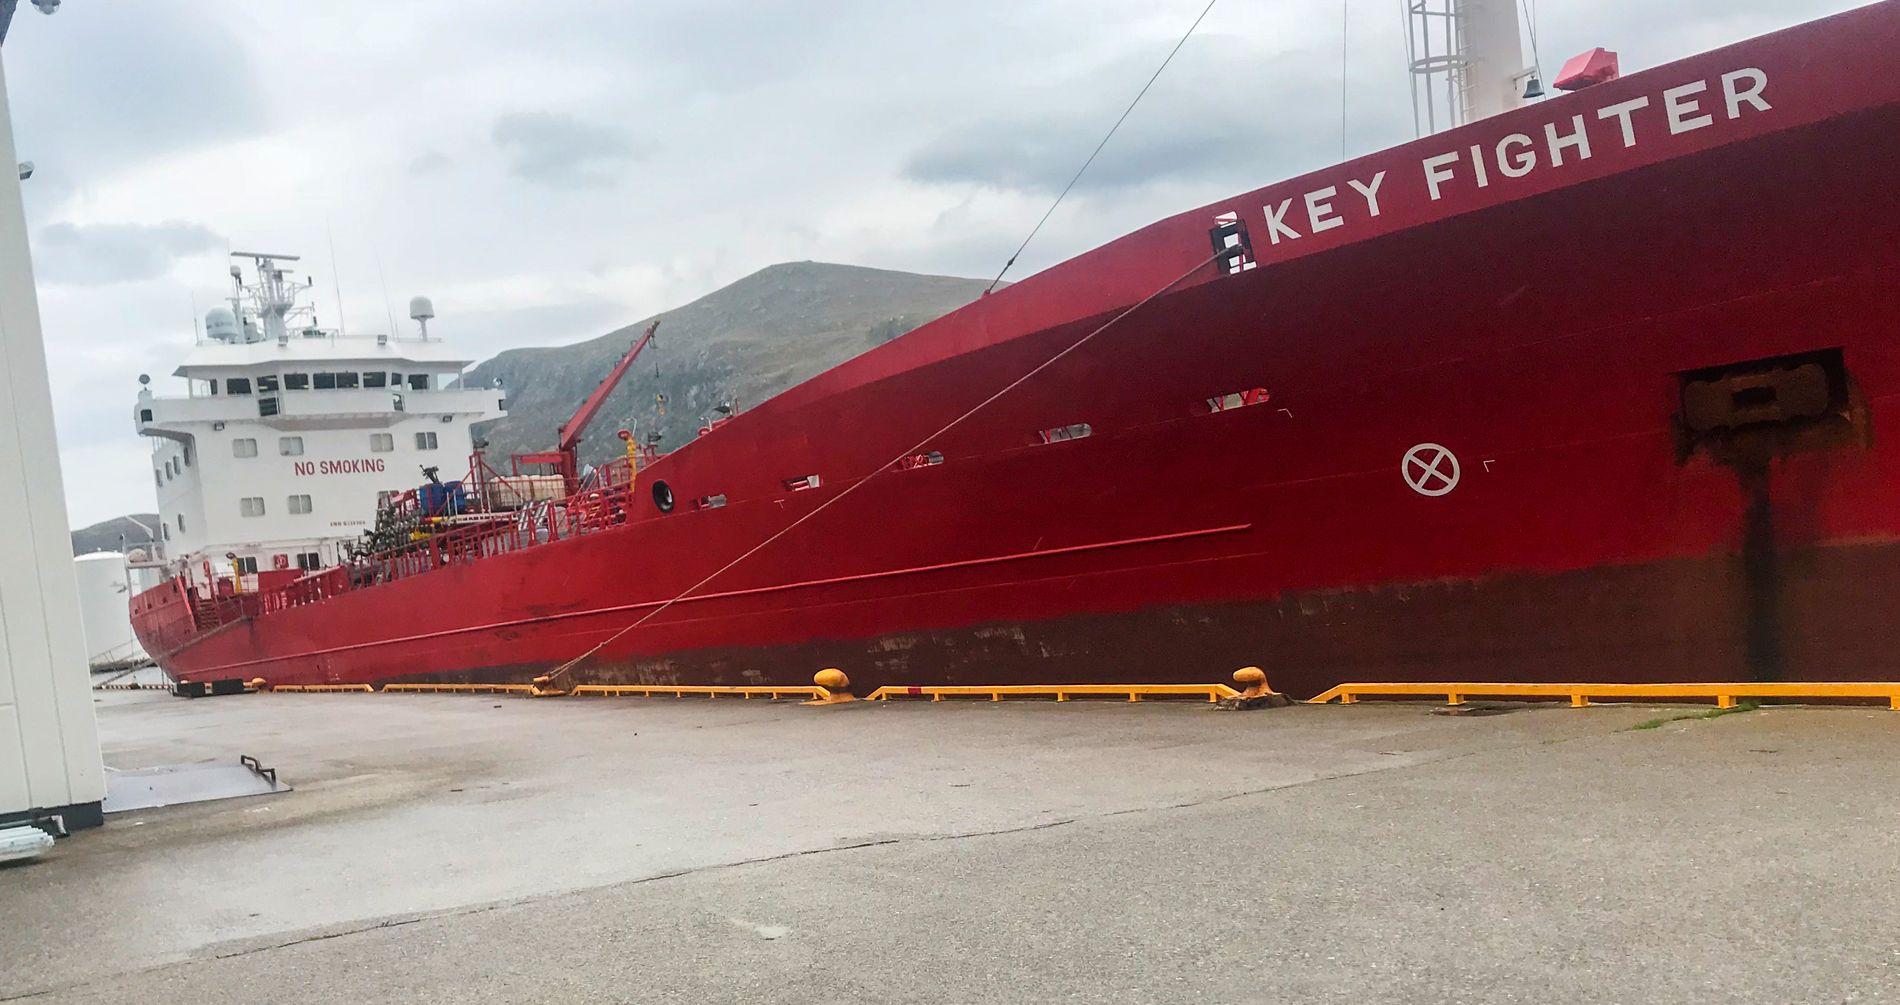 ULYKKE: Key Fighter ved kaia i Måløy lørdag formiddag. To personer omkom denne helgen i en arbeidsulykke på skipet.